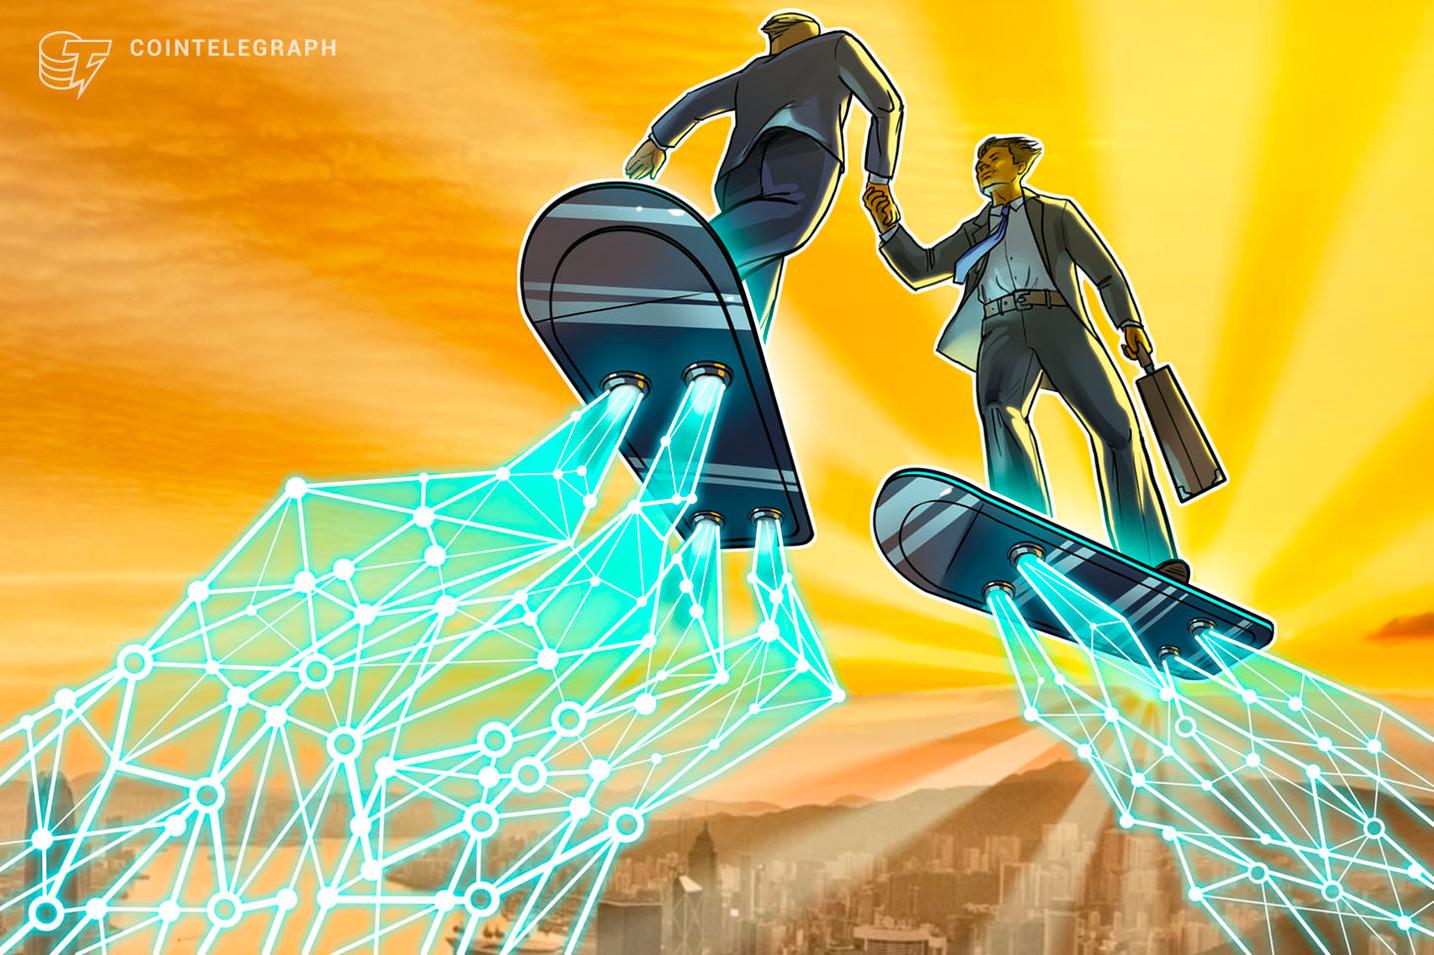 Empresa confirma realização da primeira transação de comércio exterior com Bitcoin entre Argentina e Paraguai